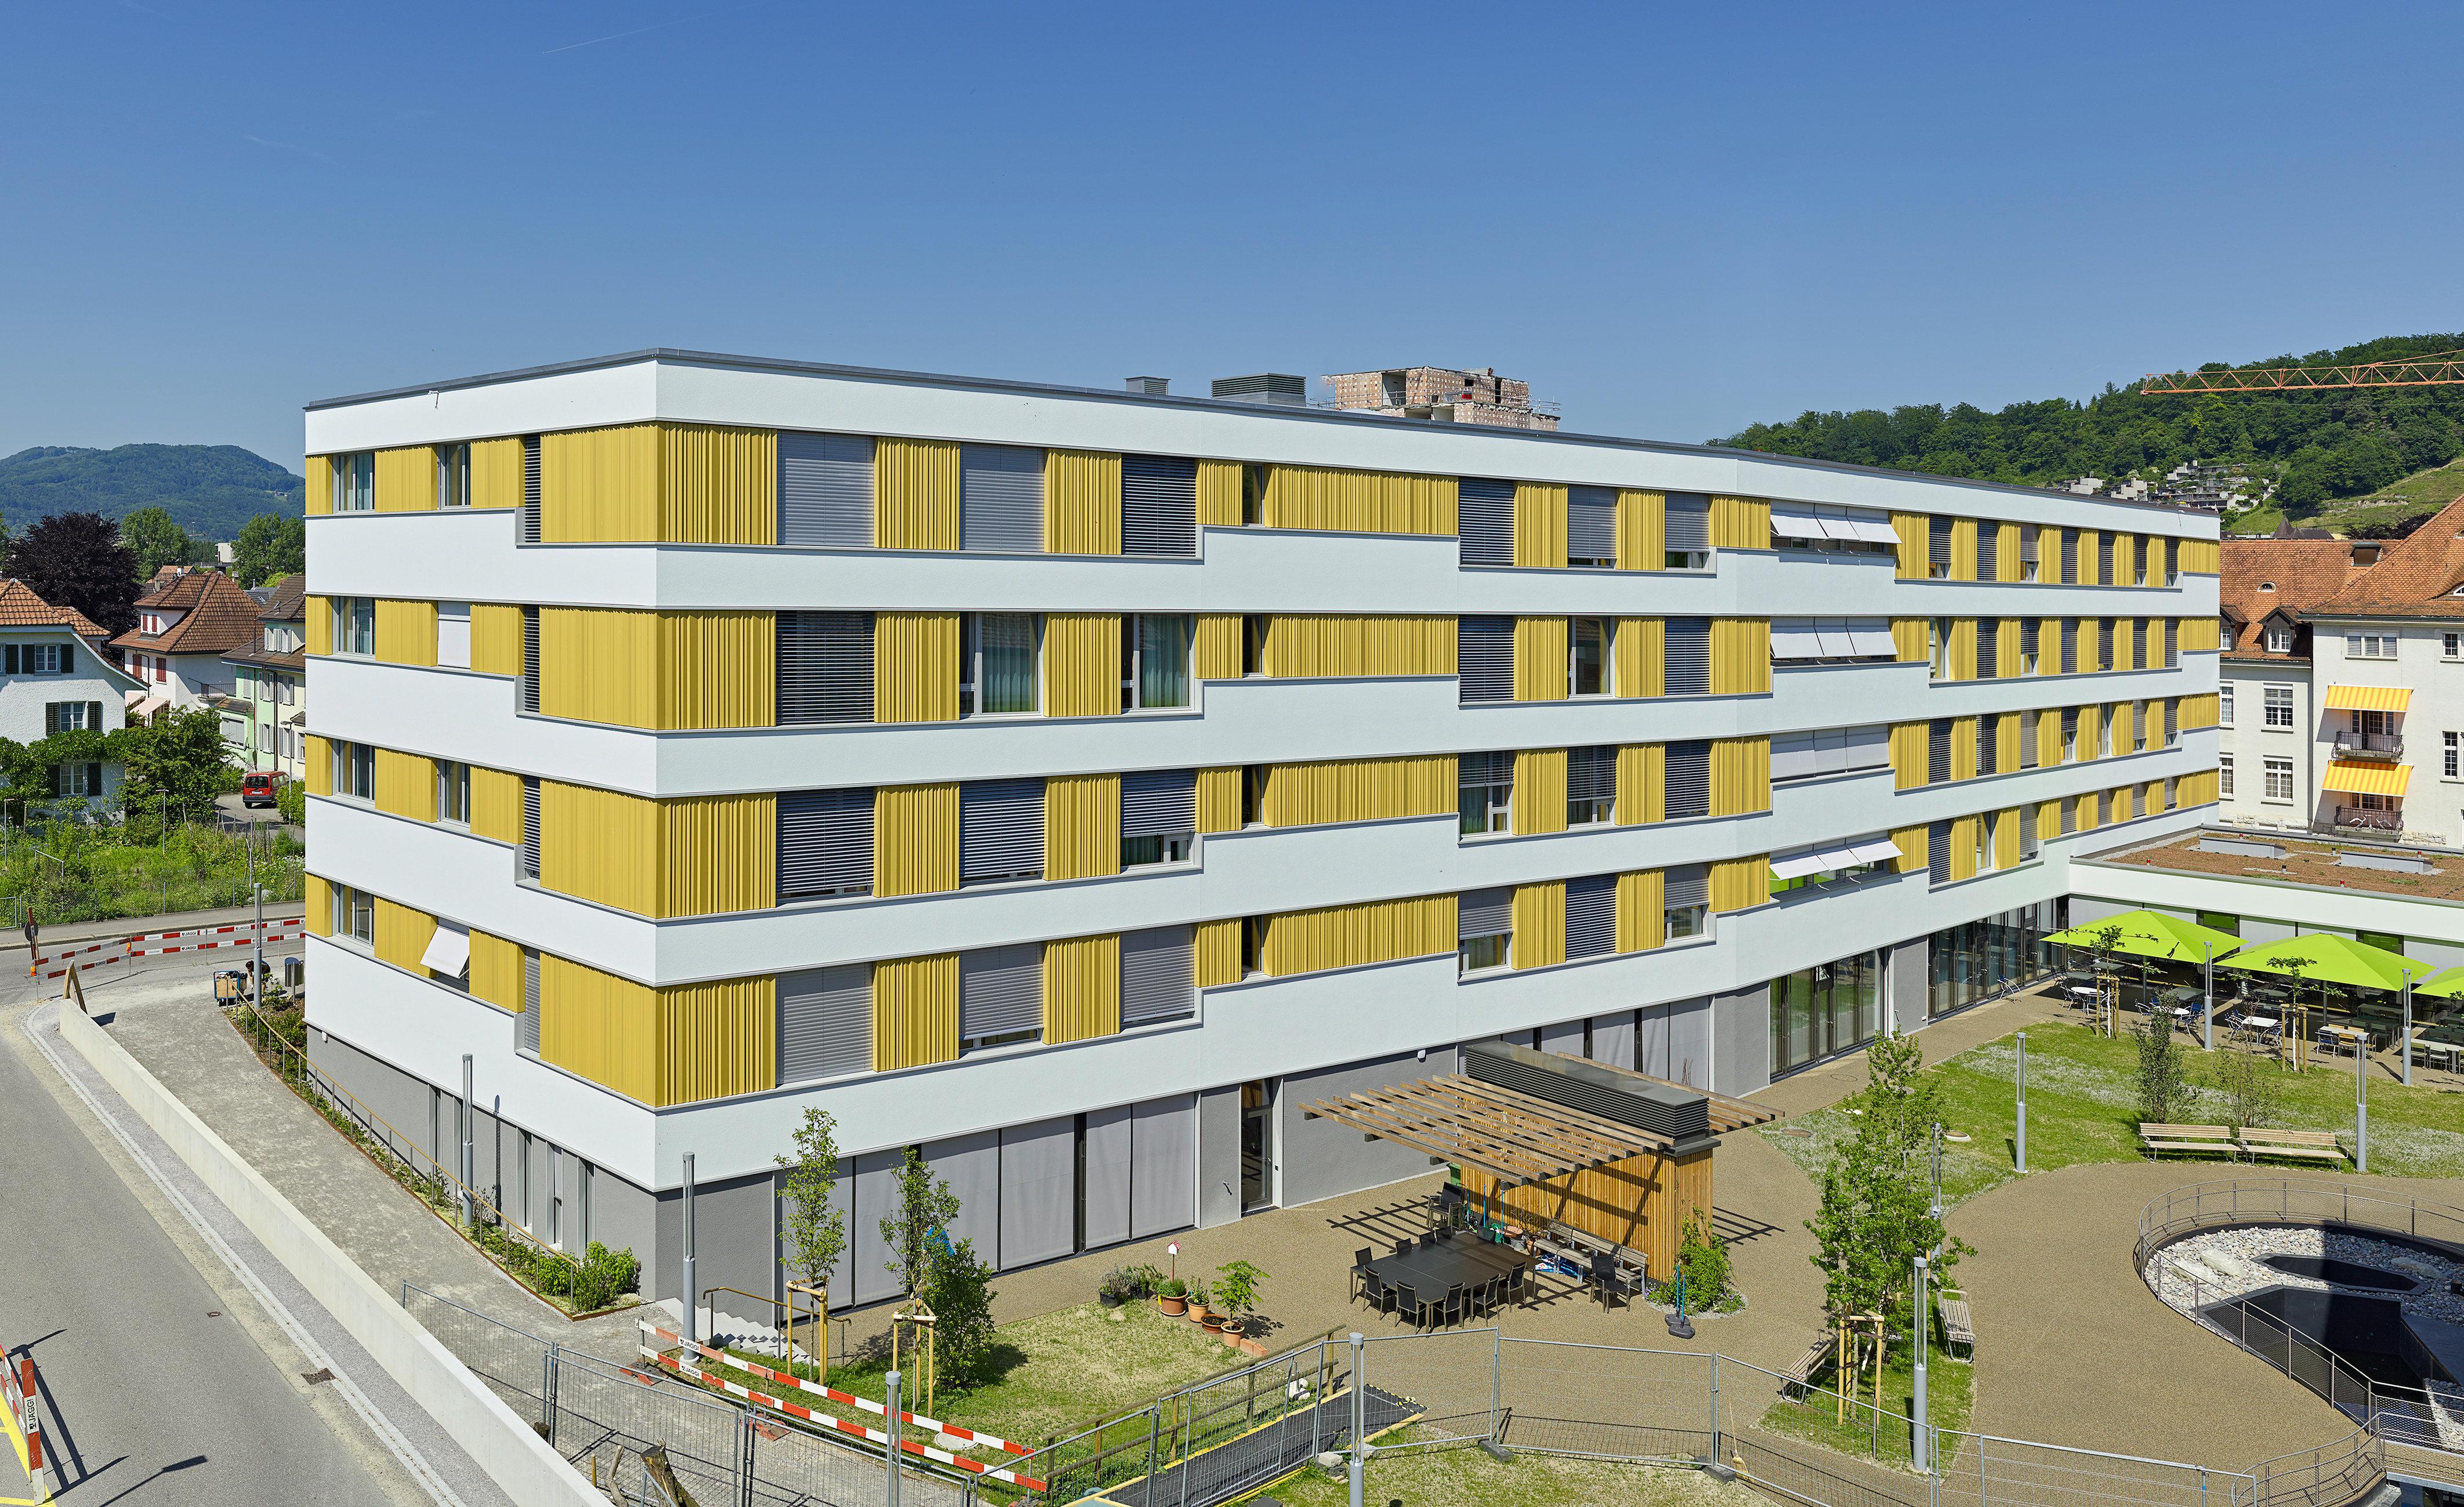 4-stöckiges Gesundheitszentrum mit regelmässiger Fensteranordnung